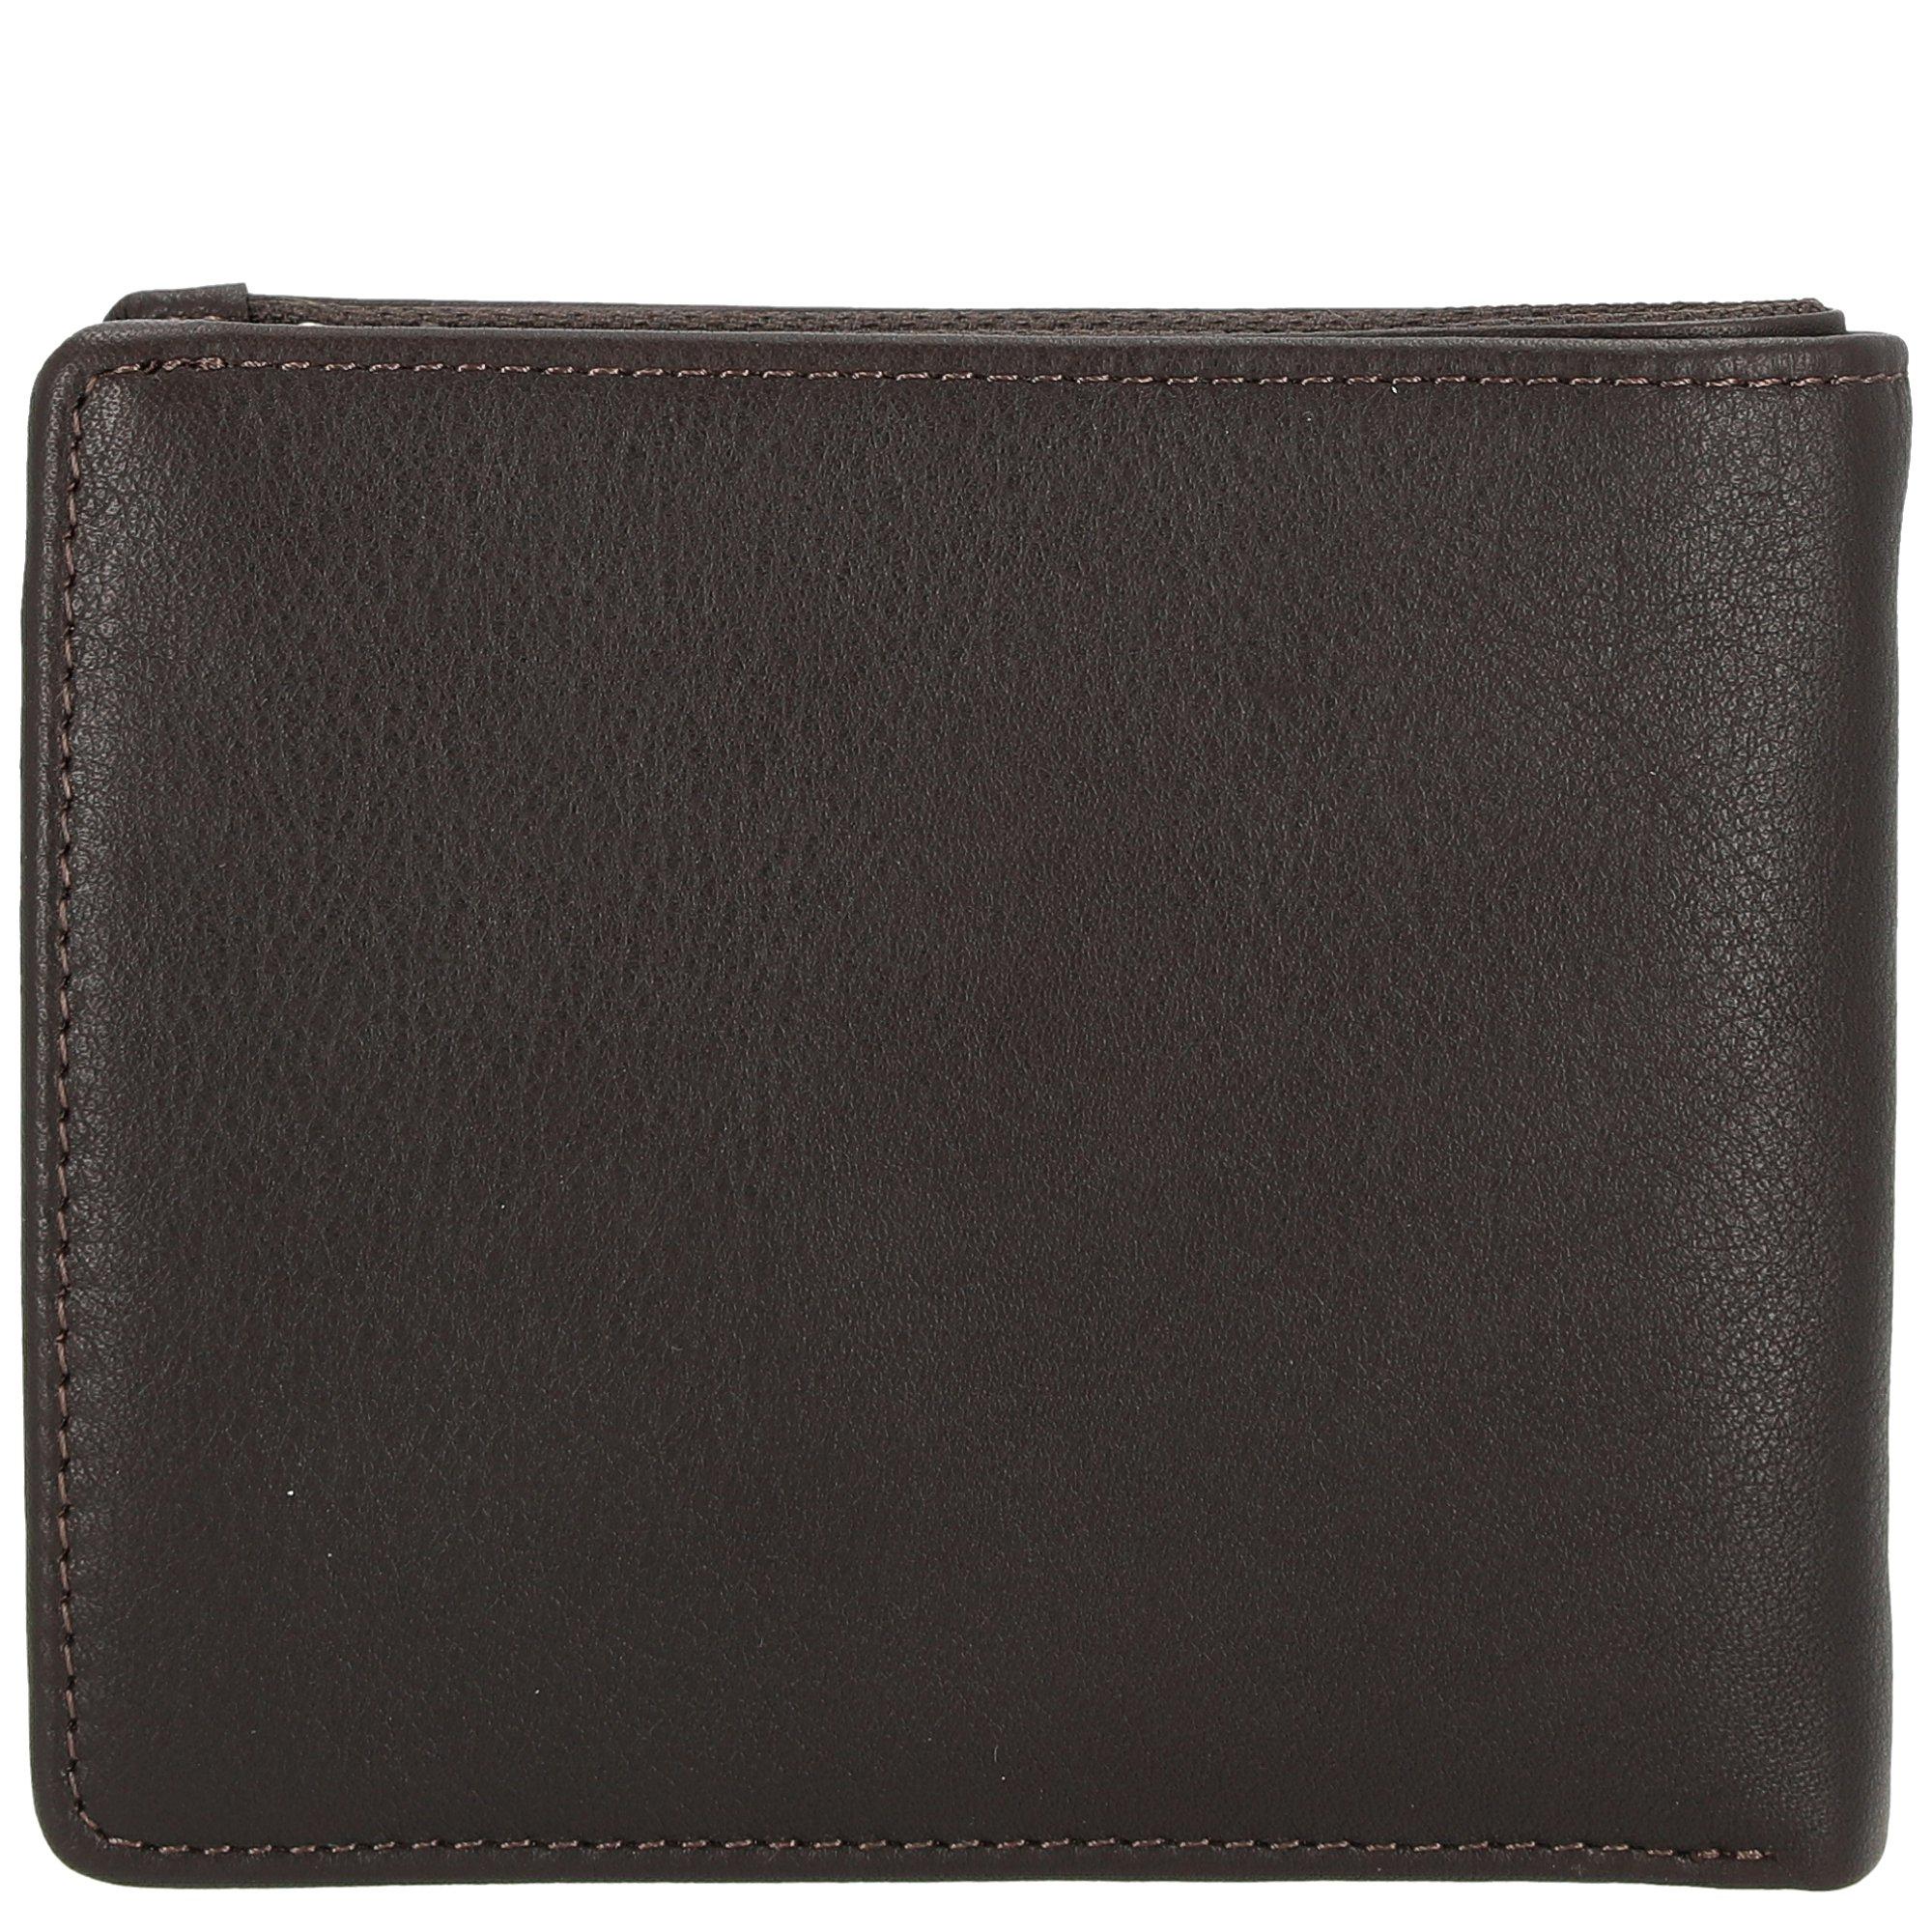 PICARD Brooklyn Wallet Geldbörse Portemonnaie Geldbeutel Braun Neu